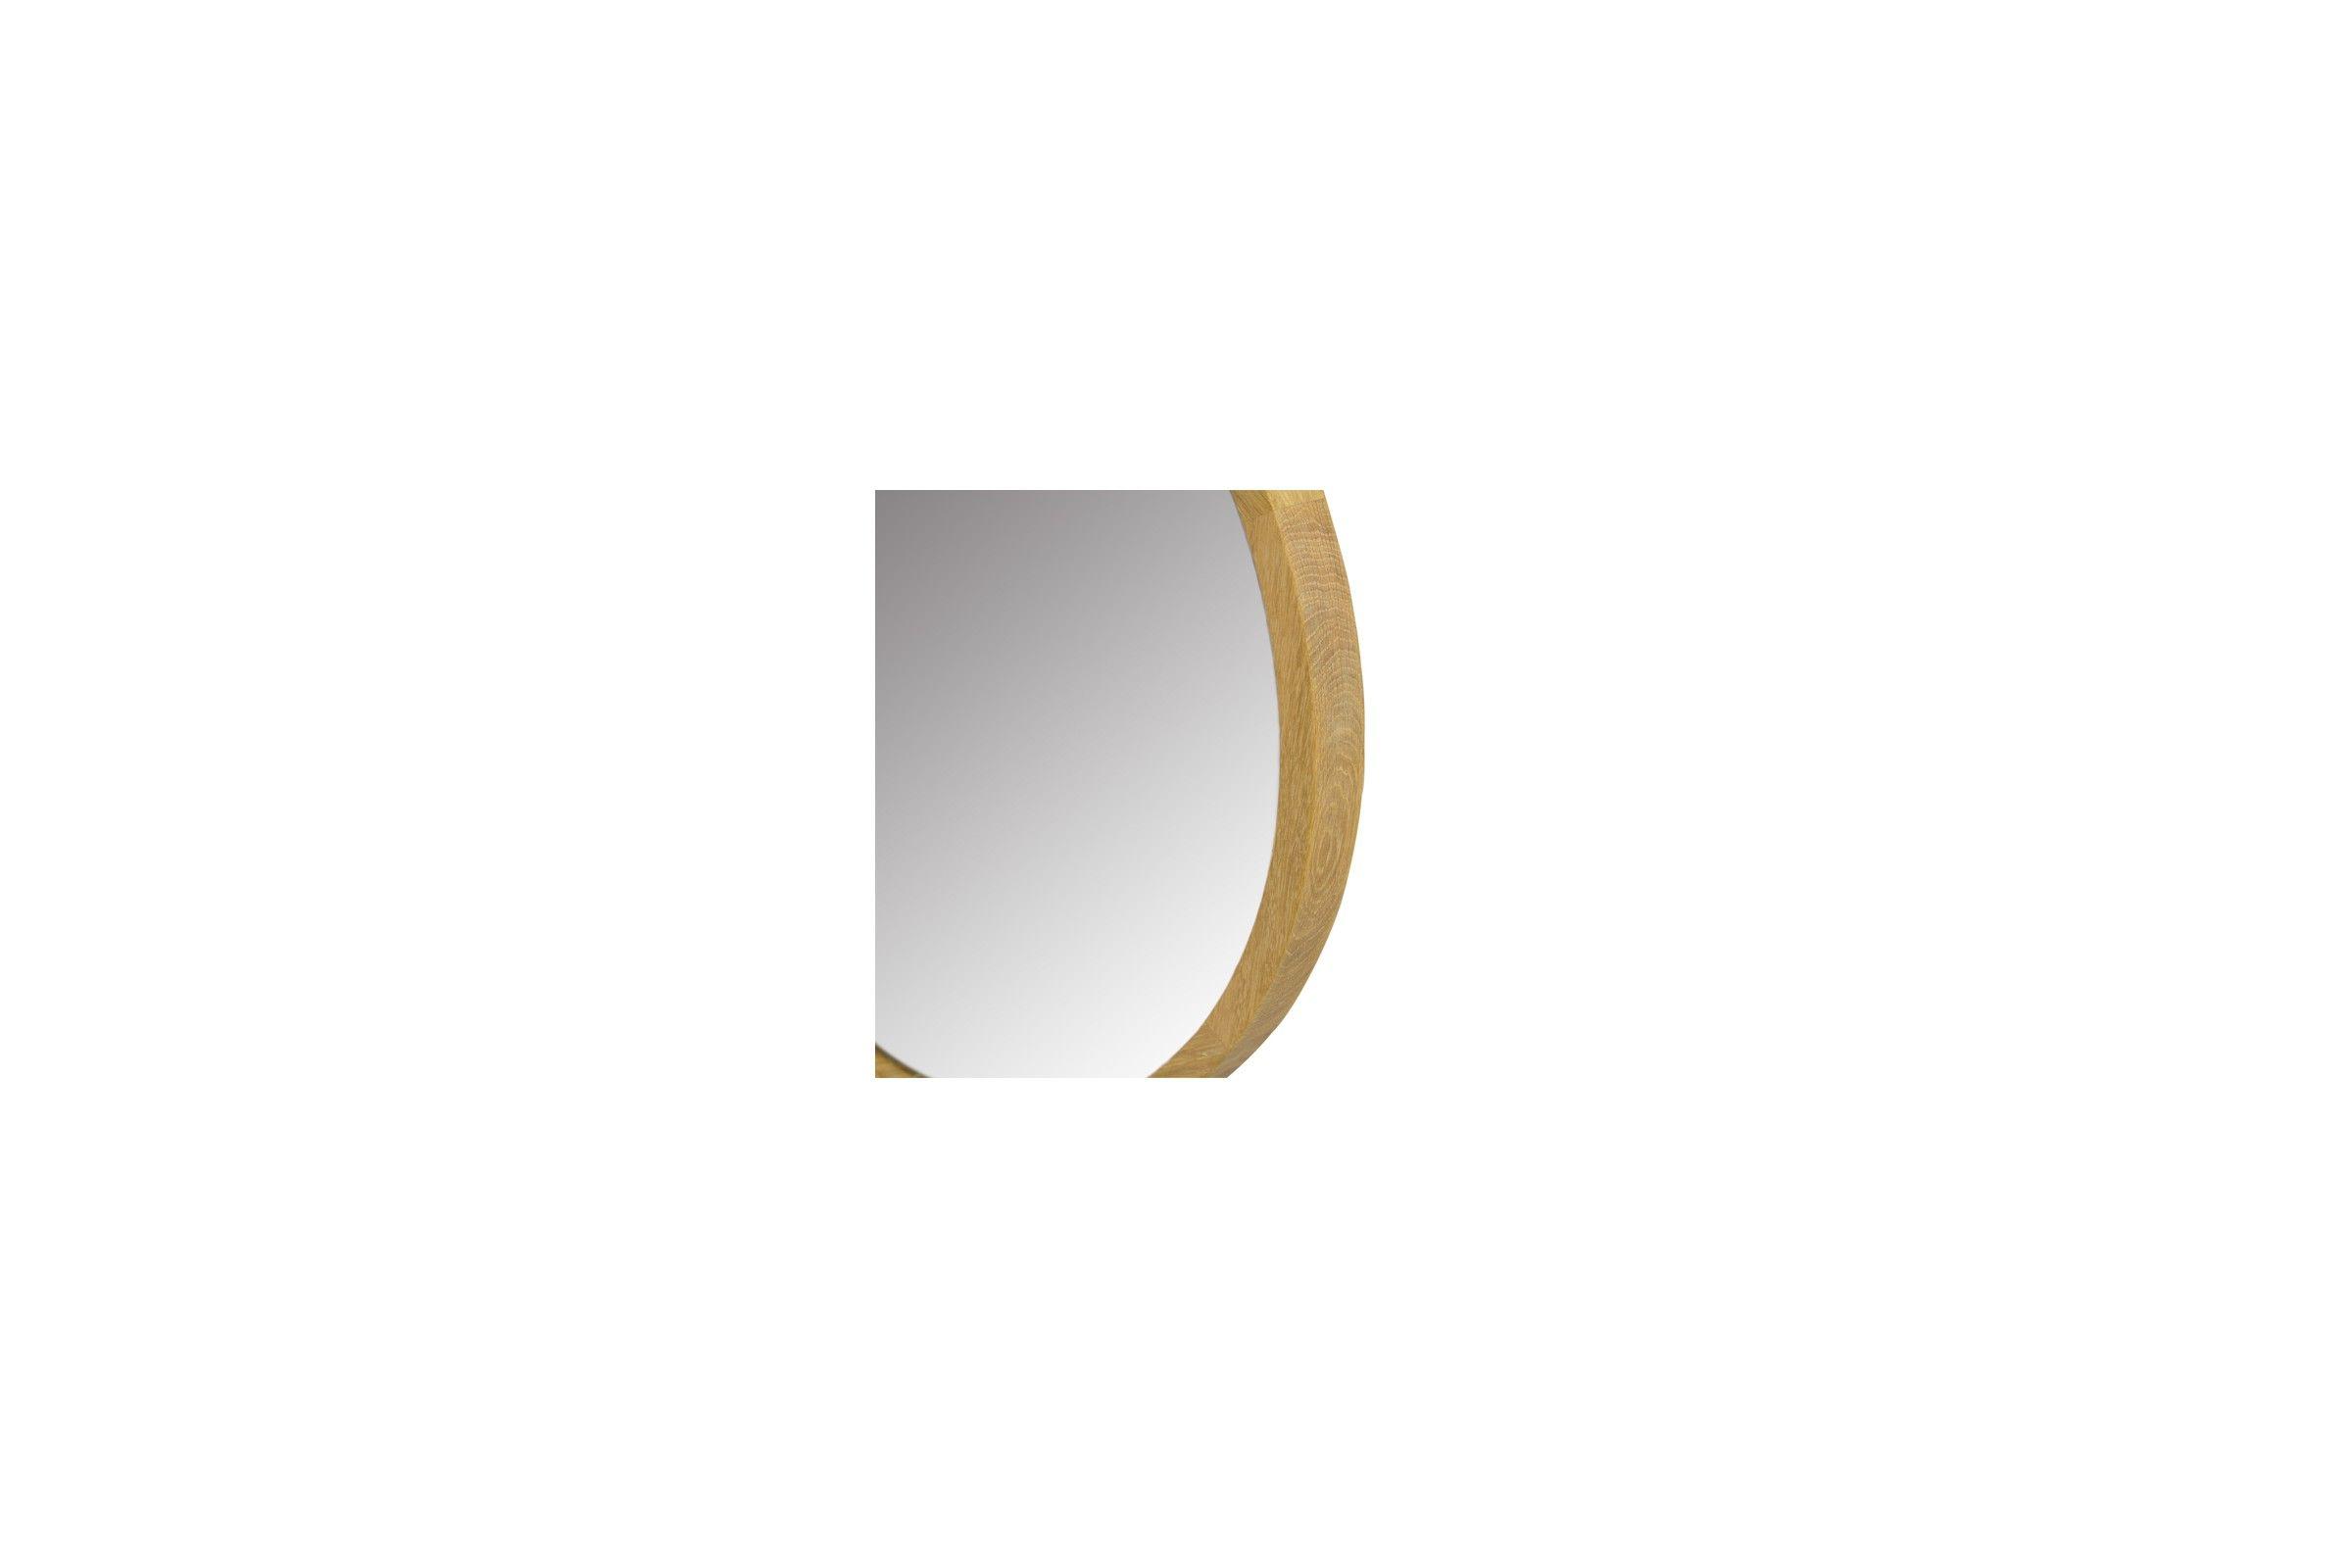 Miroir rond en teck massif diam tre 50 ou 80 cm la for Miroir rond en bois